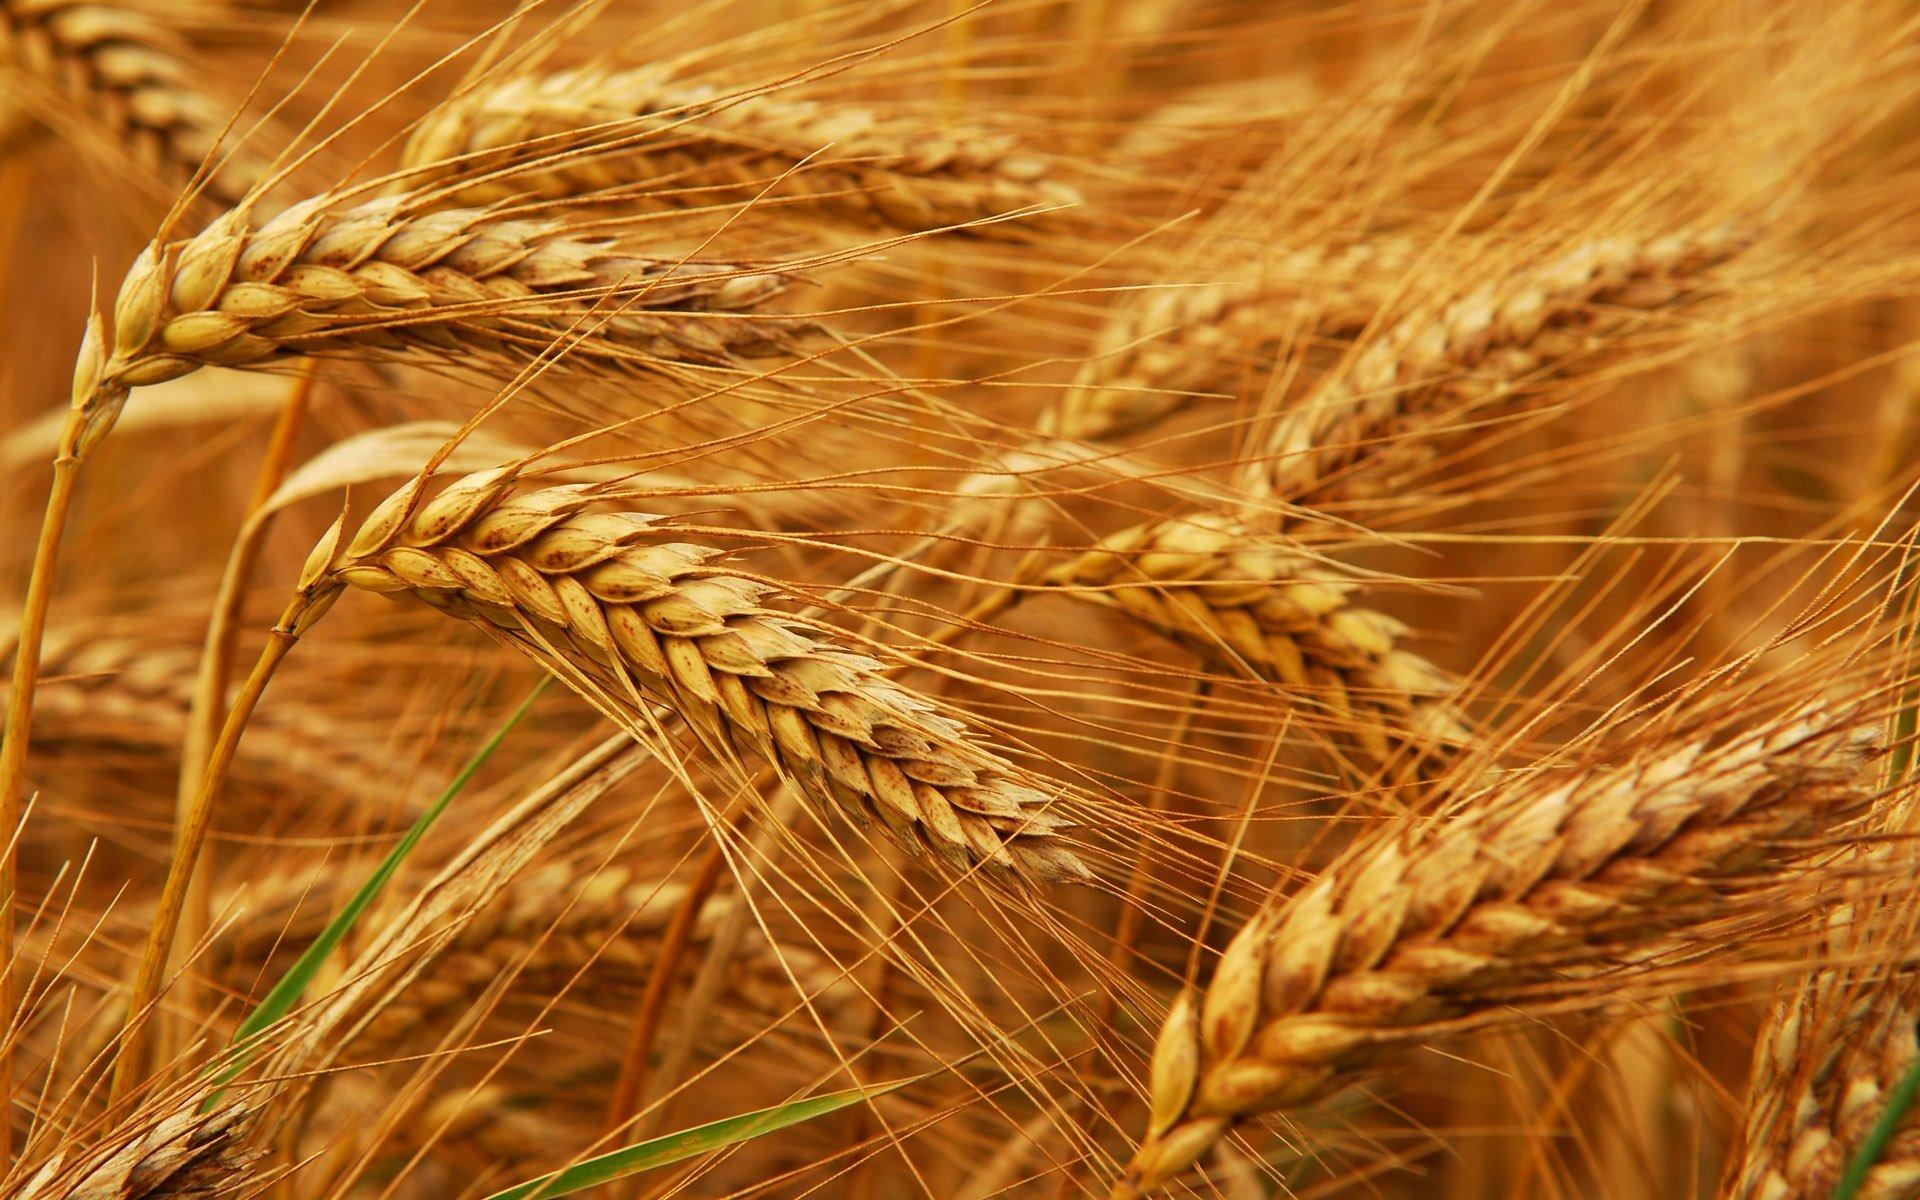 رواں مالی سال میں جولائی سے مئی کے دوران 157 ارب 78 کروڑ کی گندم درآمد کی گئی، رپورٹ (فوٹو:فائل)